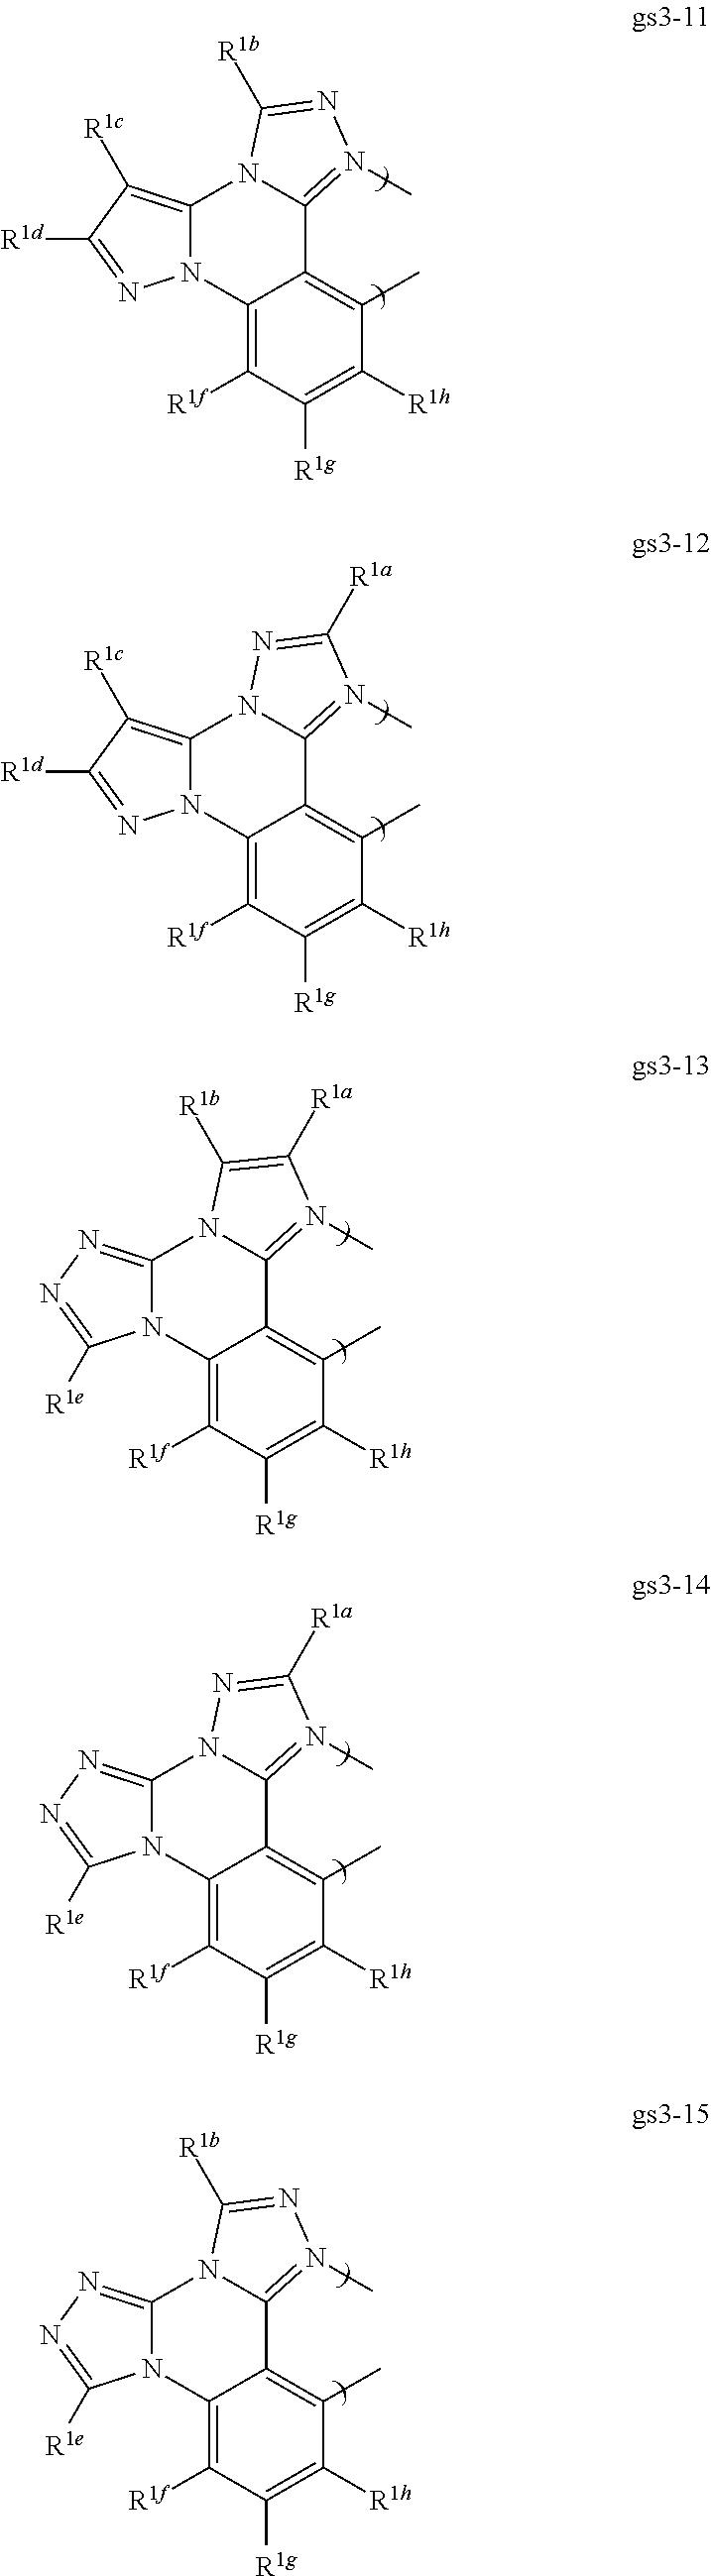 Figure US20110073849A1-20110331-C00182